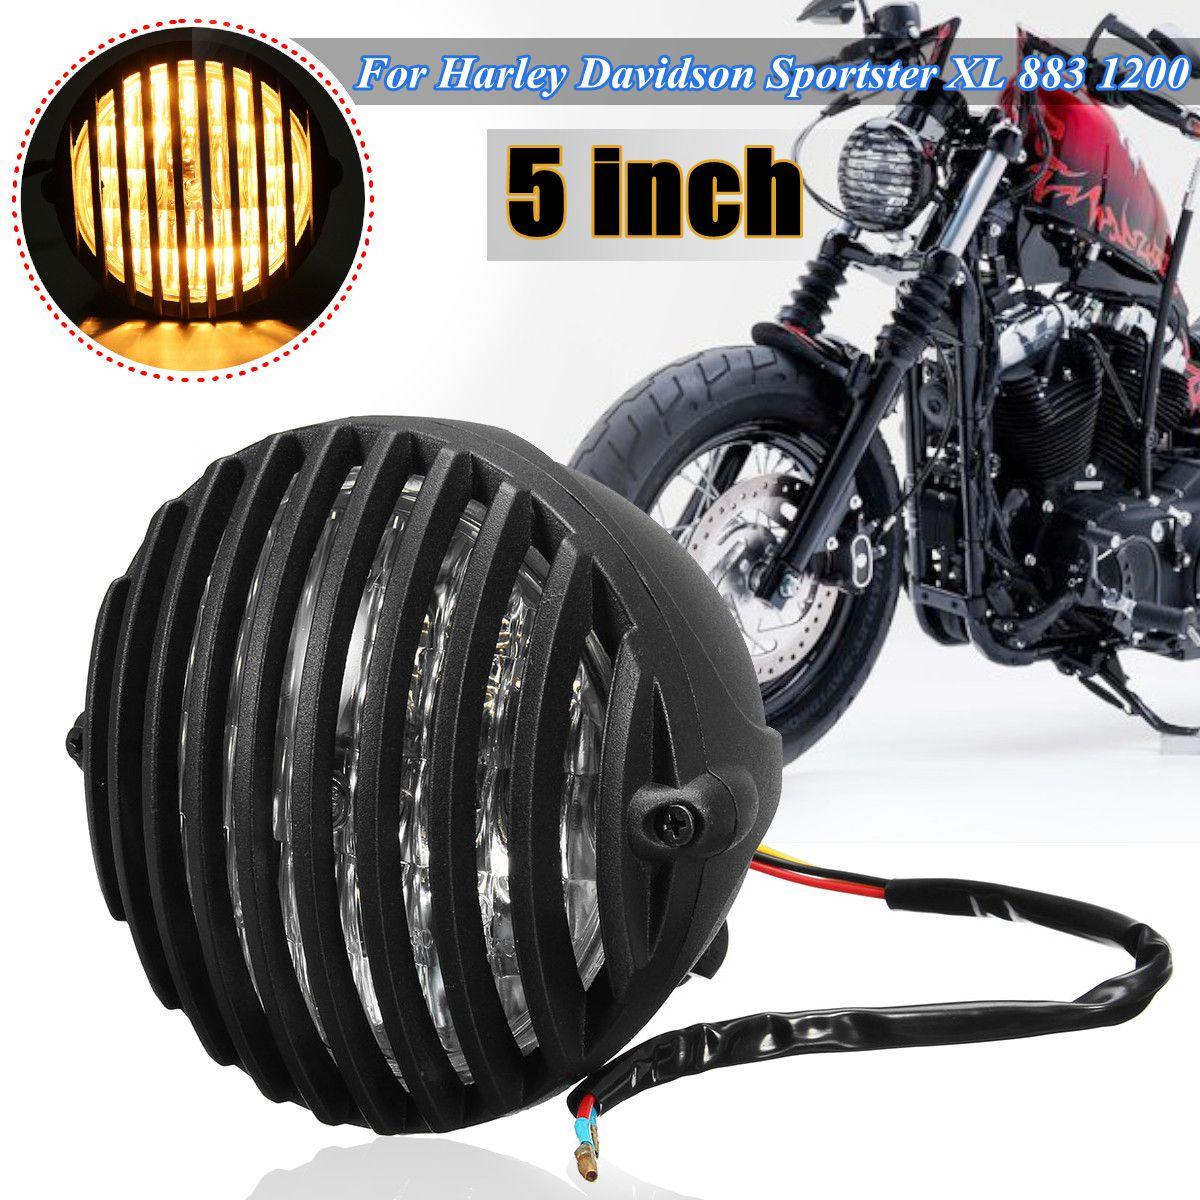 شواية مصباح أمامي للدراجات النارية ، غطاء 5 بوصات ، 12 فولت ، لـ Harley Davidson XL 883 1200 2004-2014